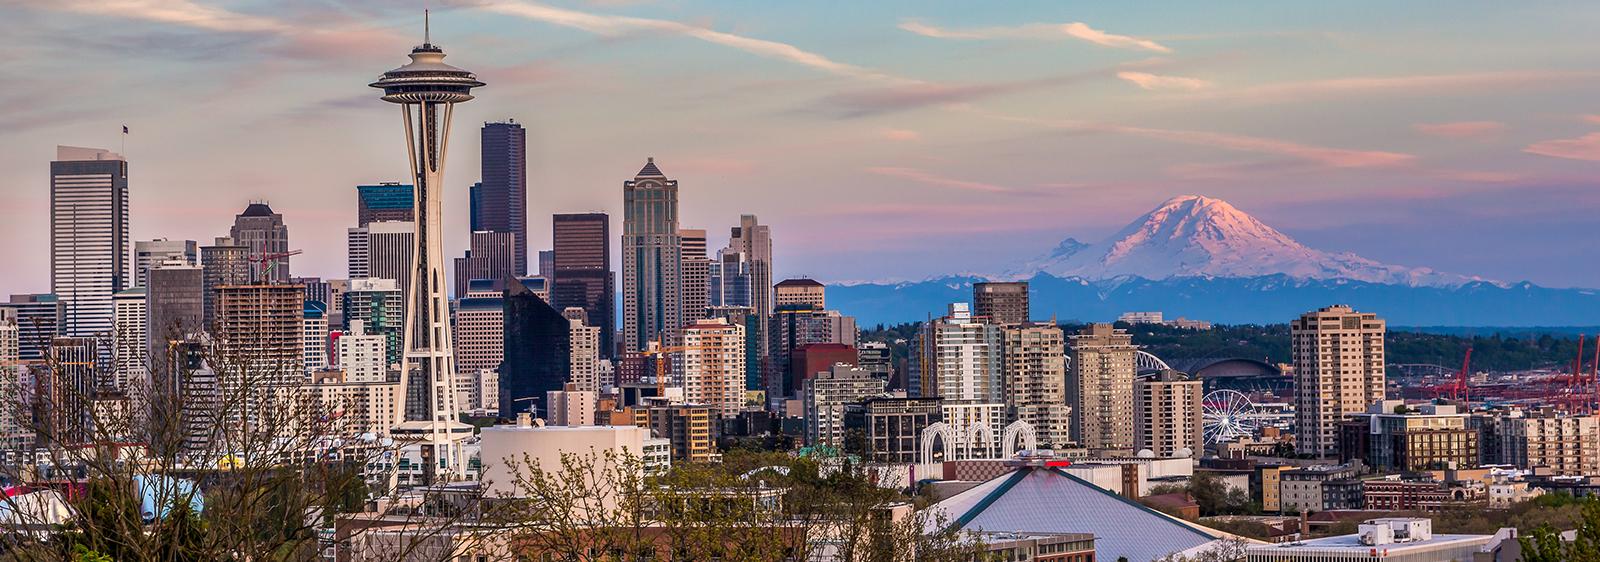 Seattle, Washington skyline from Queen Anne